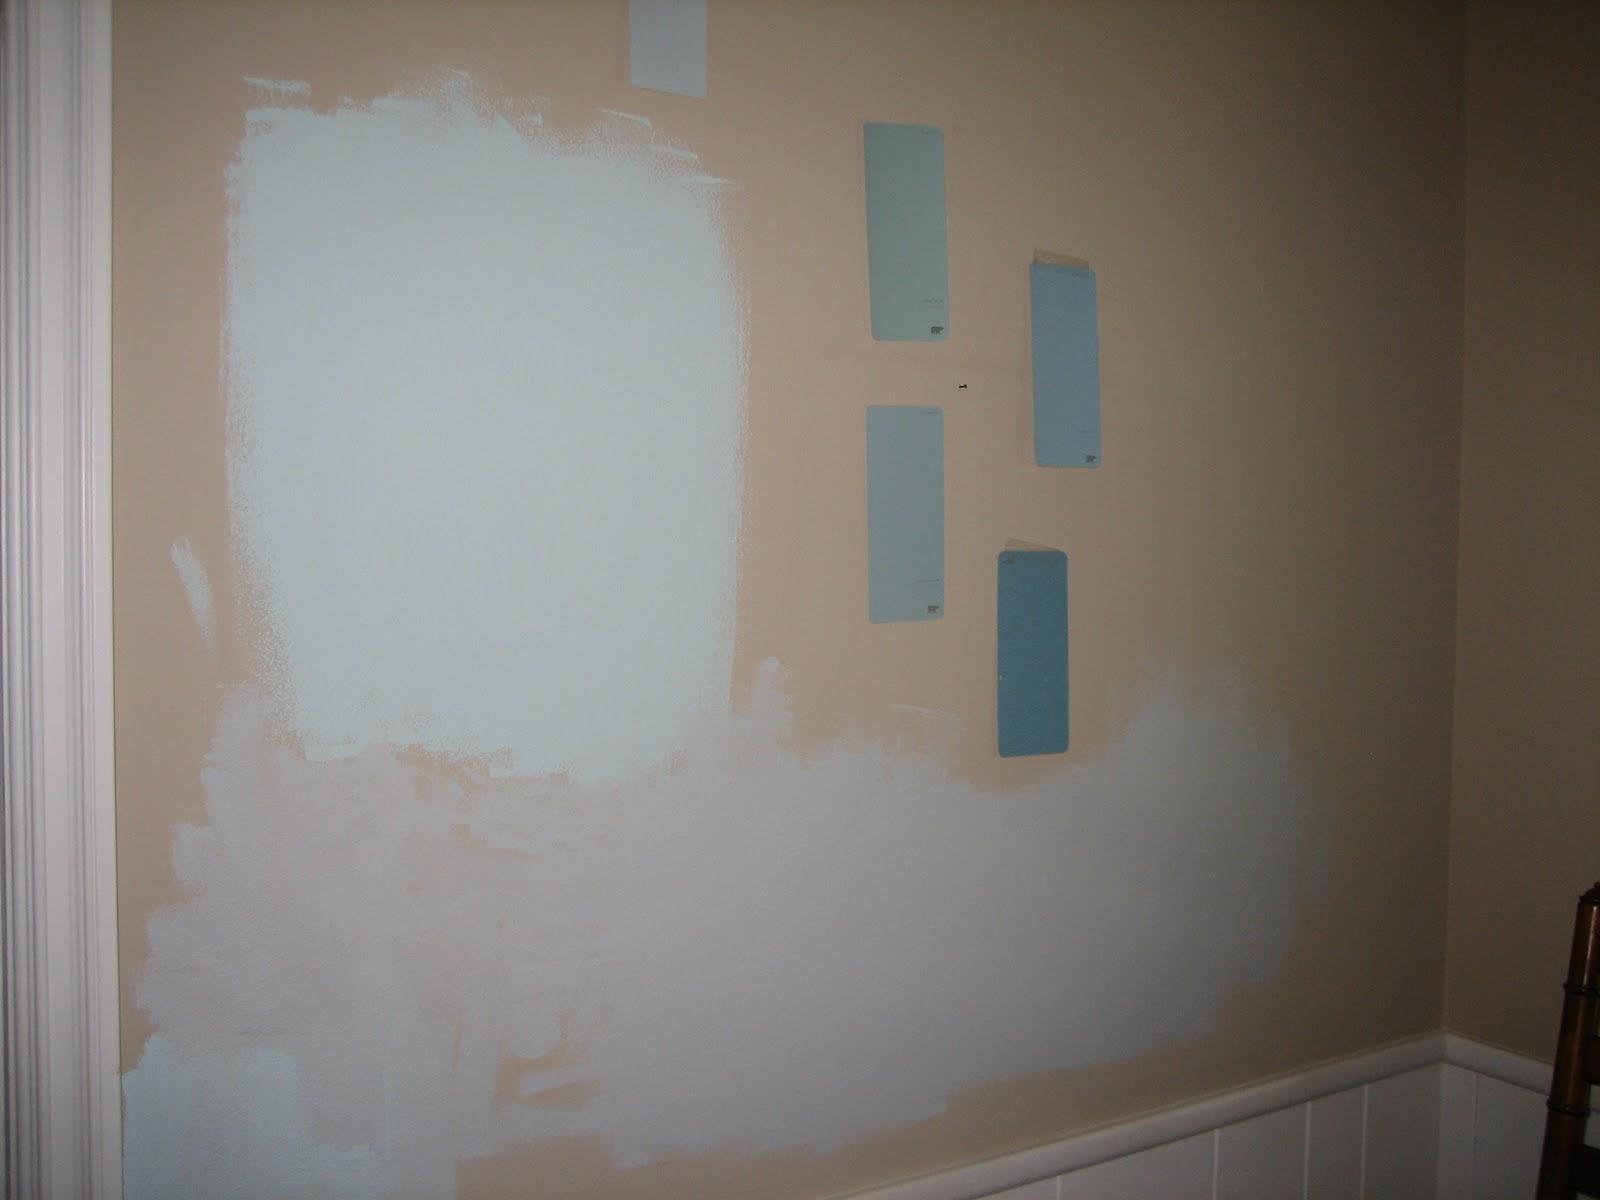 behr light french grey. Black Bedroom Furniture Sets. Home Design Ideas